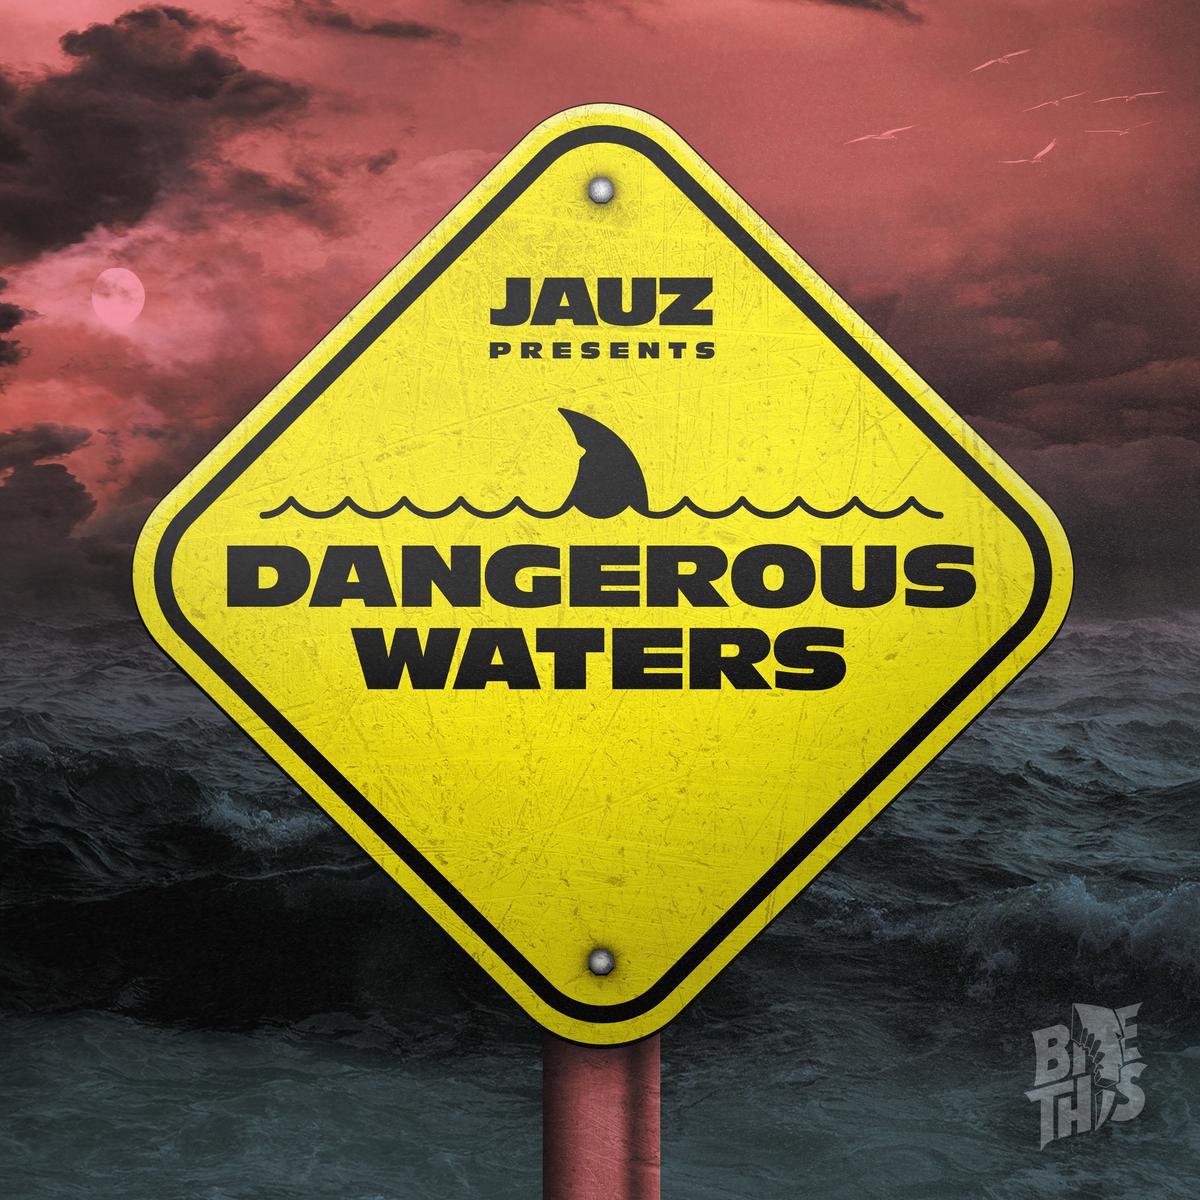 Jauz - Dangerous Waters